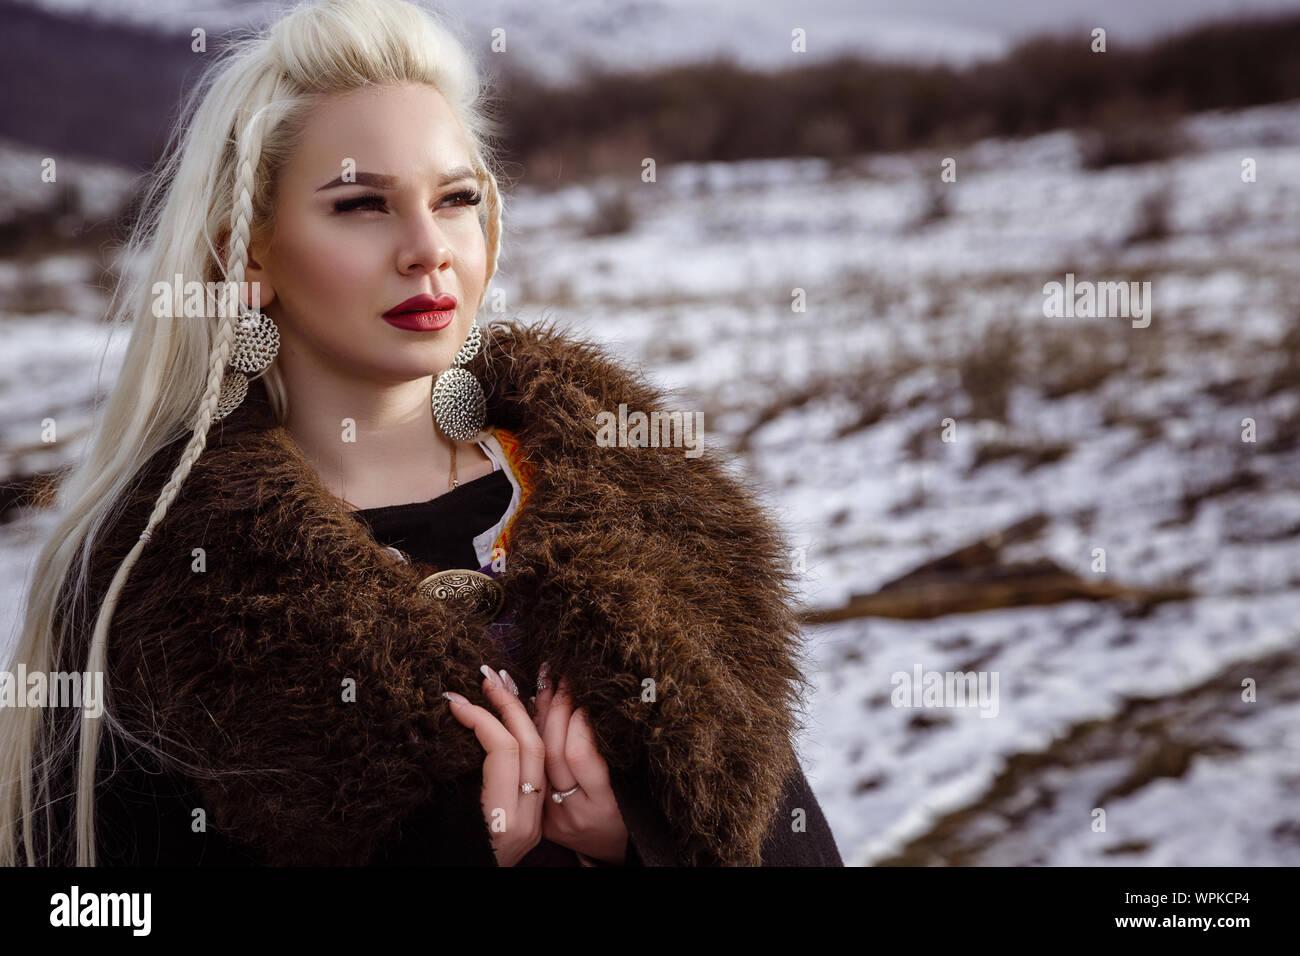 Im freien Porträt der Schönen wütend skandinavischen Krieger Ingwer Frau in traditioneller Kleidung mit Pelzkragen, mit Schwert in der Hand und Holz- V Stockfoto